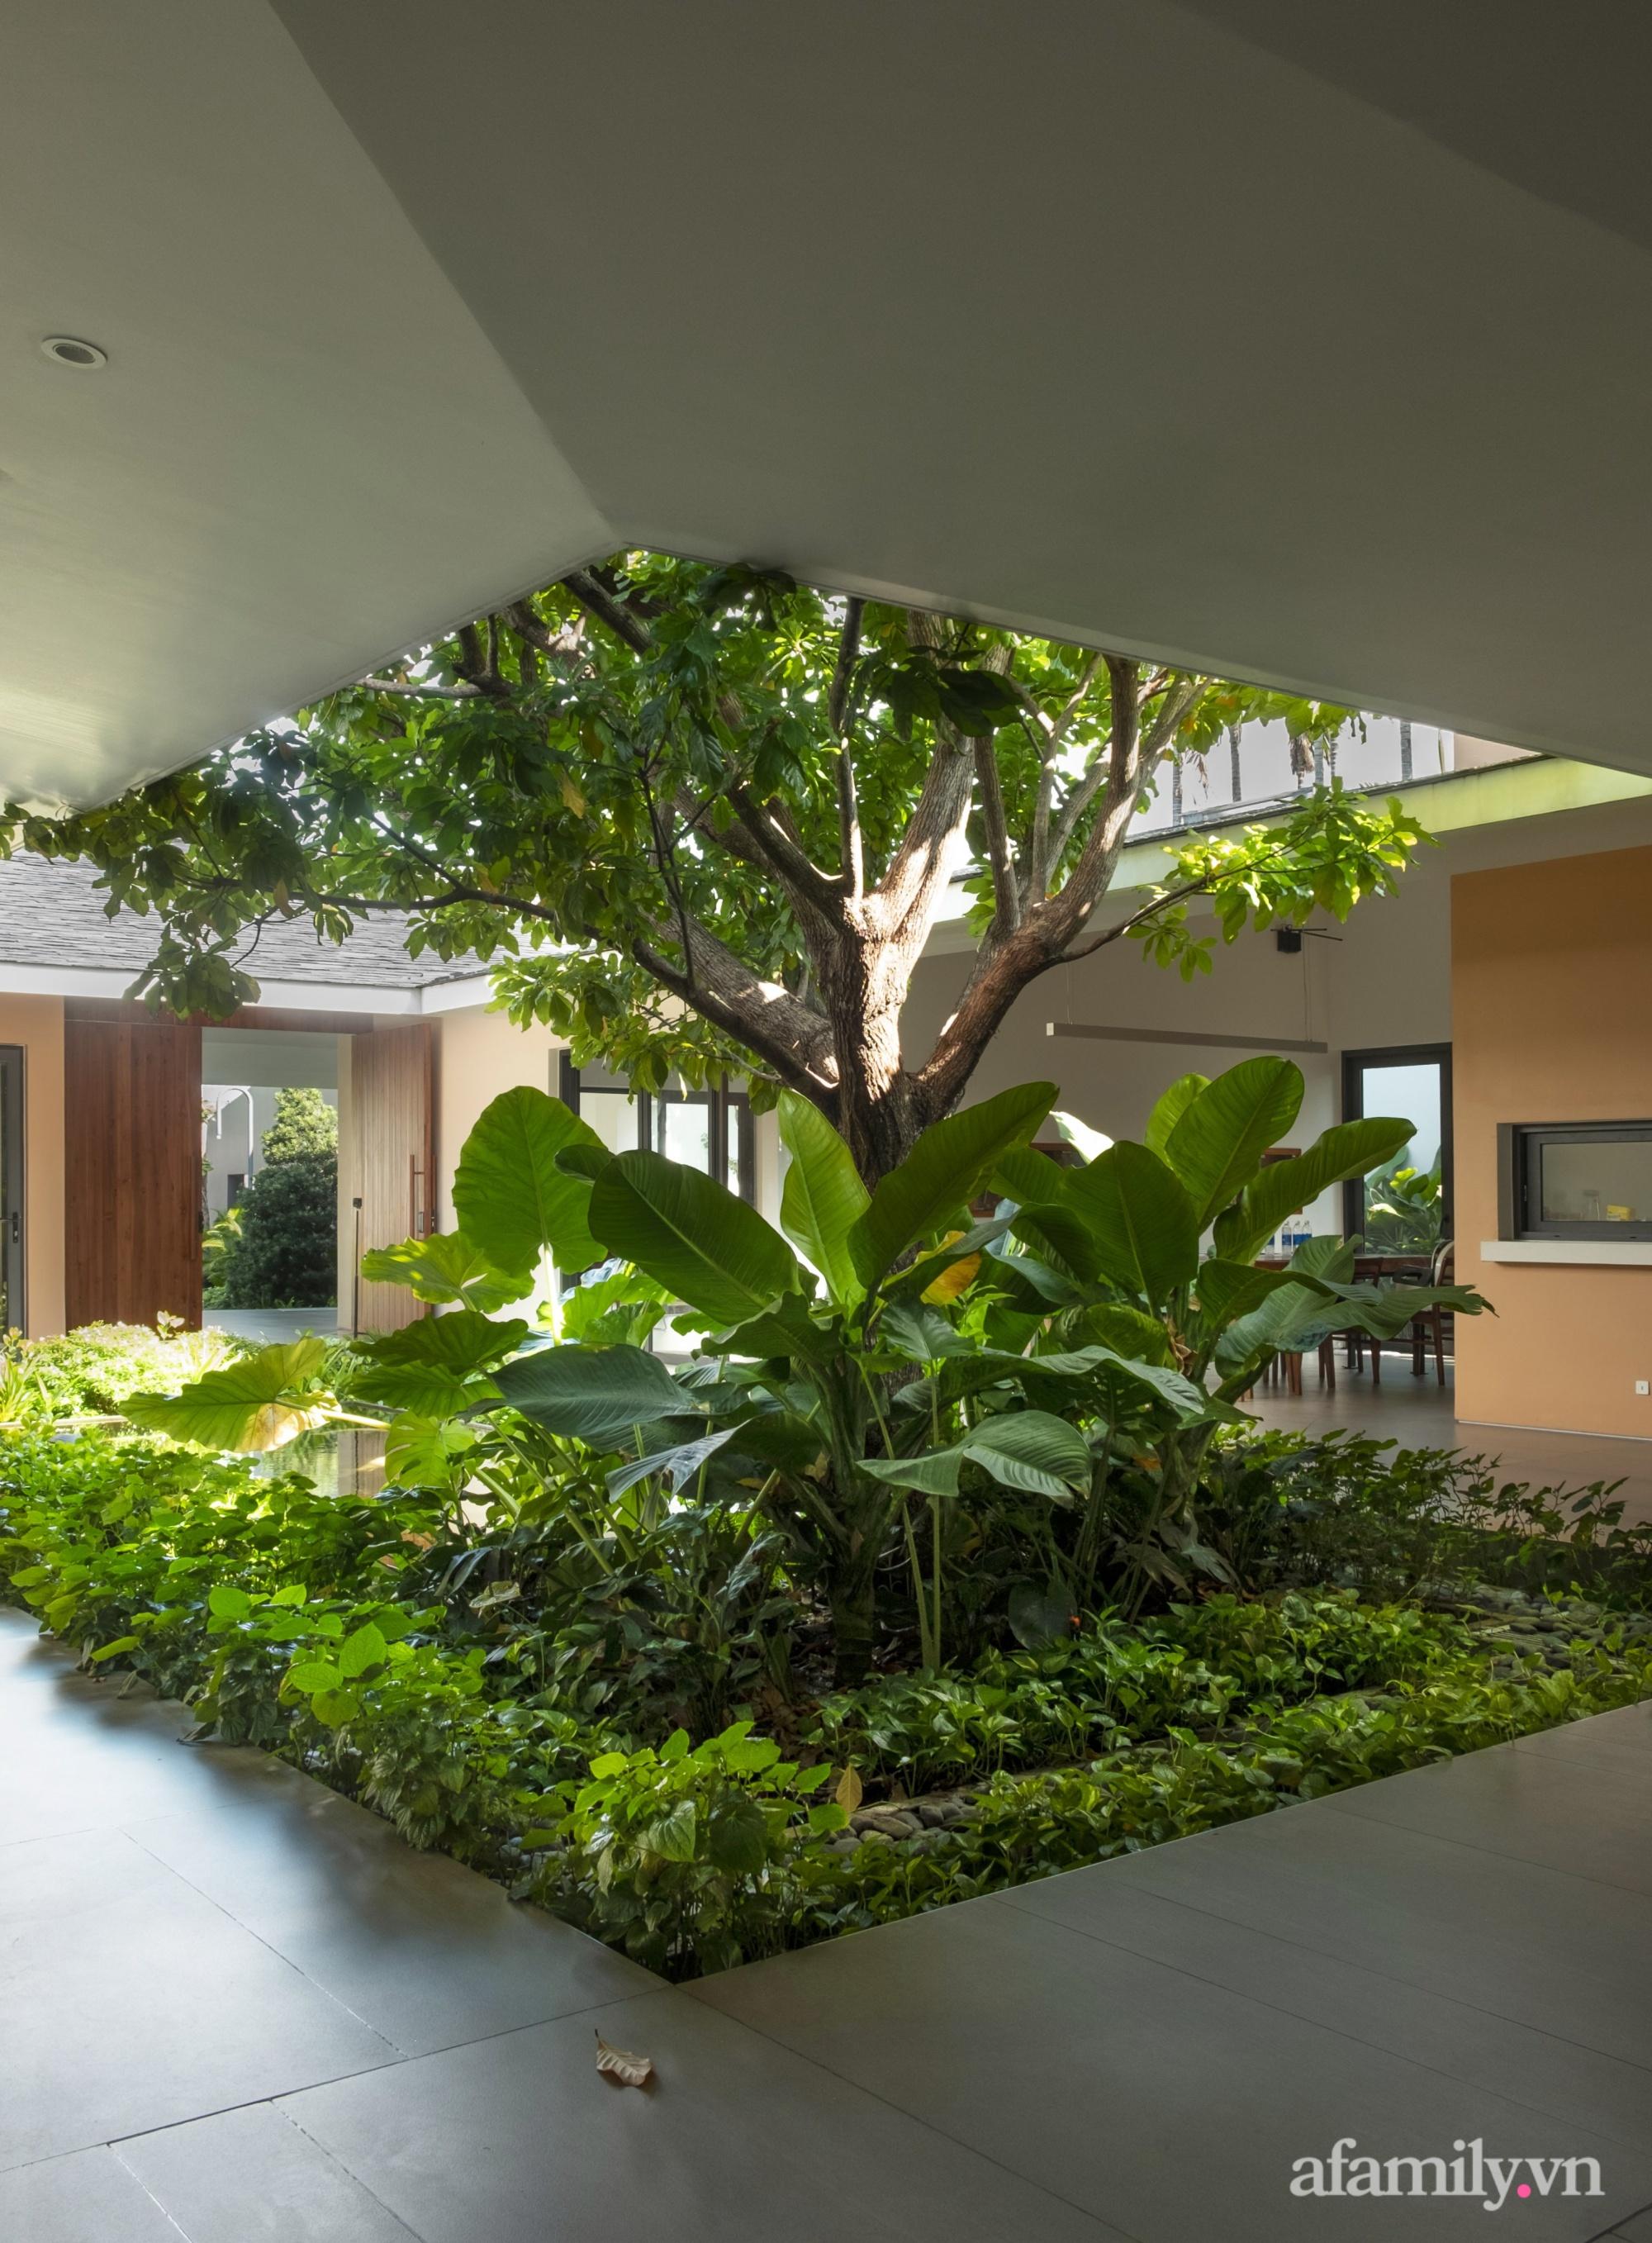 Ngôi nhà rợp mát bóng cây ở ngoại ô Sài Gòn tạo sự gắn kết cho gia đình 3 thế hệ - Ảnh 9.